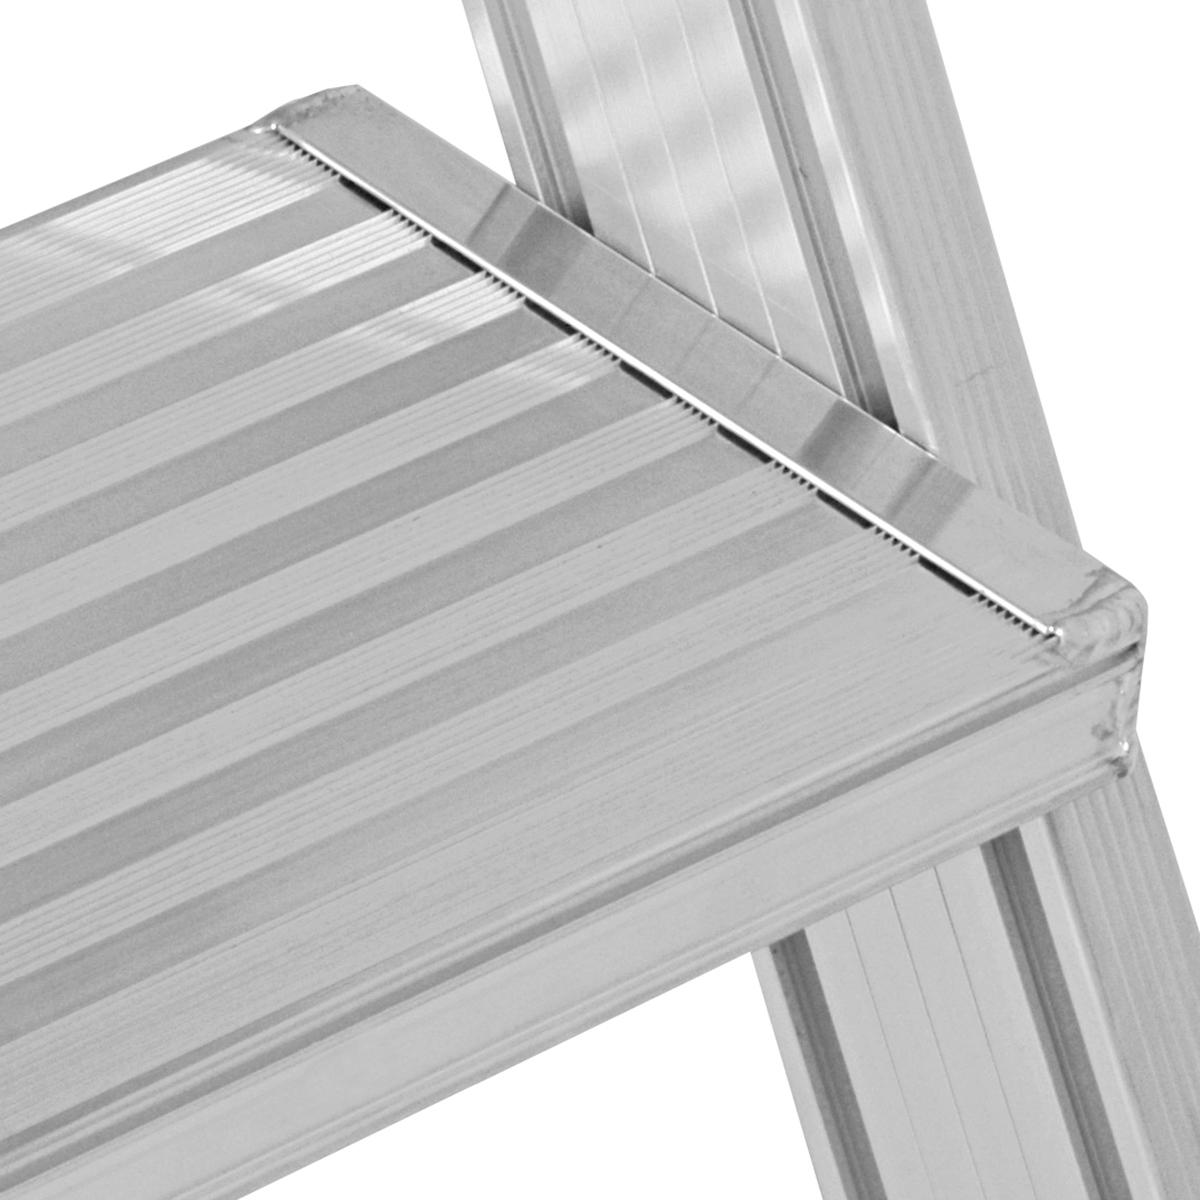 Hymer Podesttreppe fahrbar 2x6 Stufen